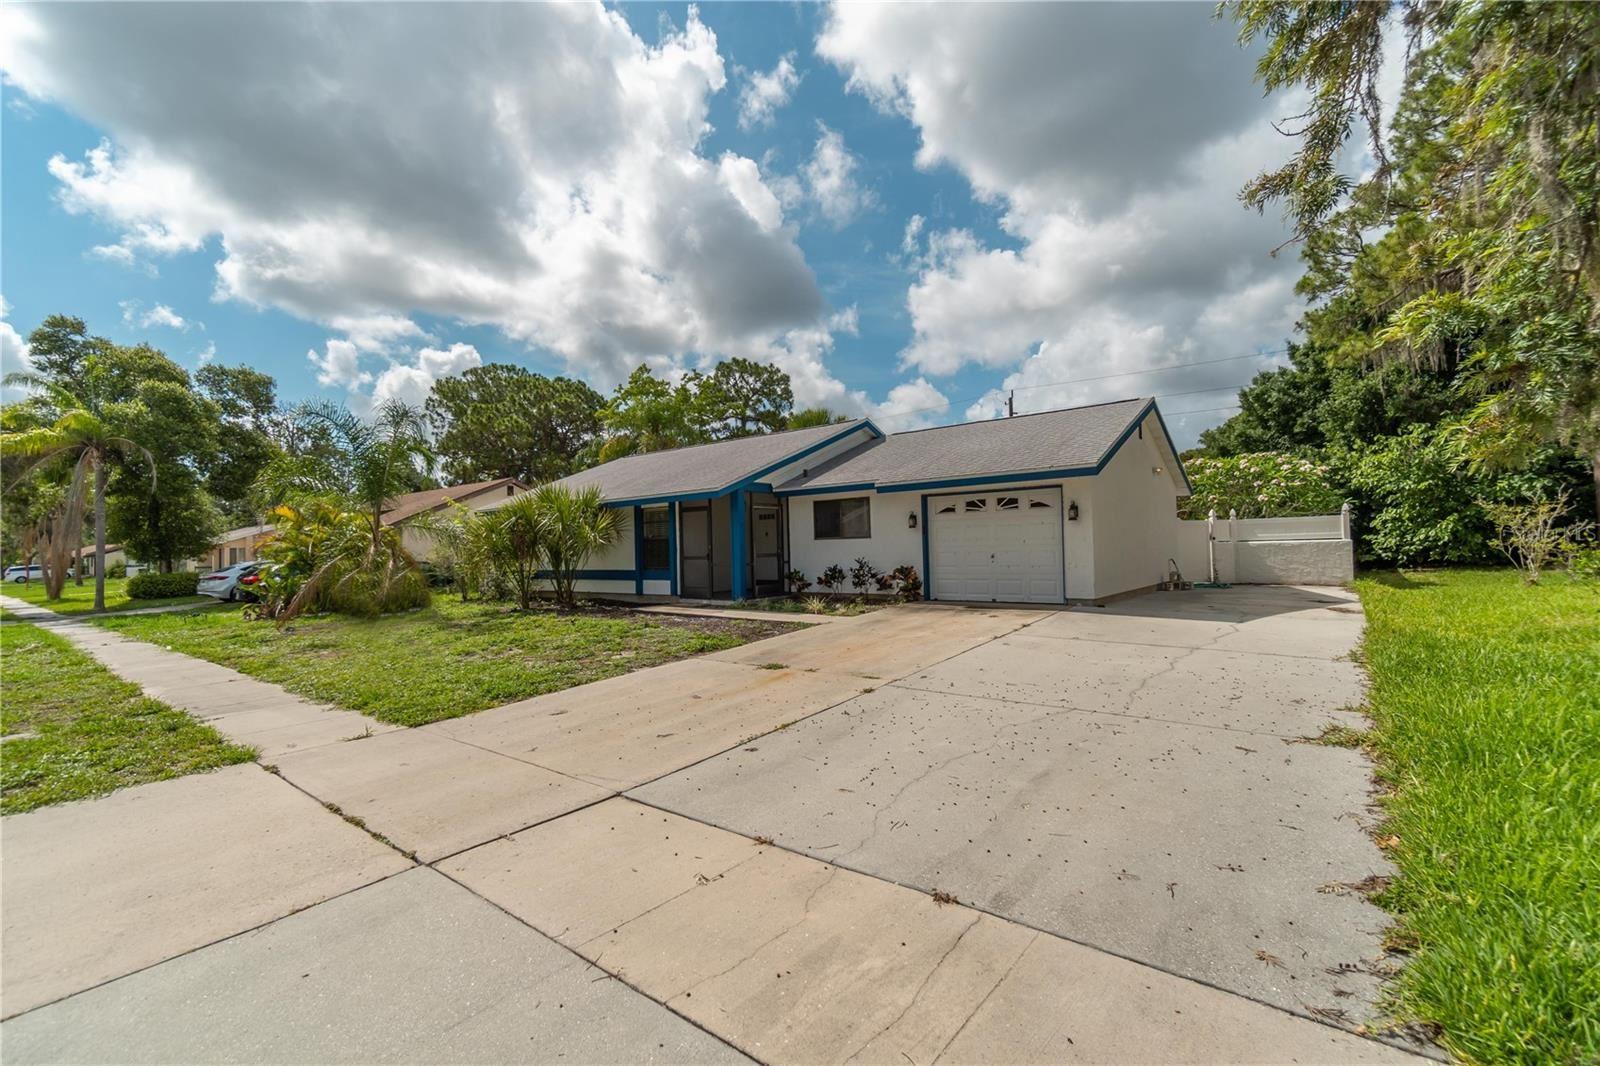 Photo of 5651 TALBROOK ROAD, NORTH PORT, FL 34287 (MLS # N6115953)